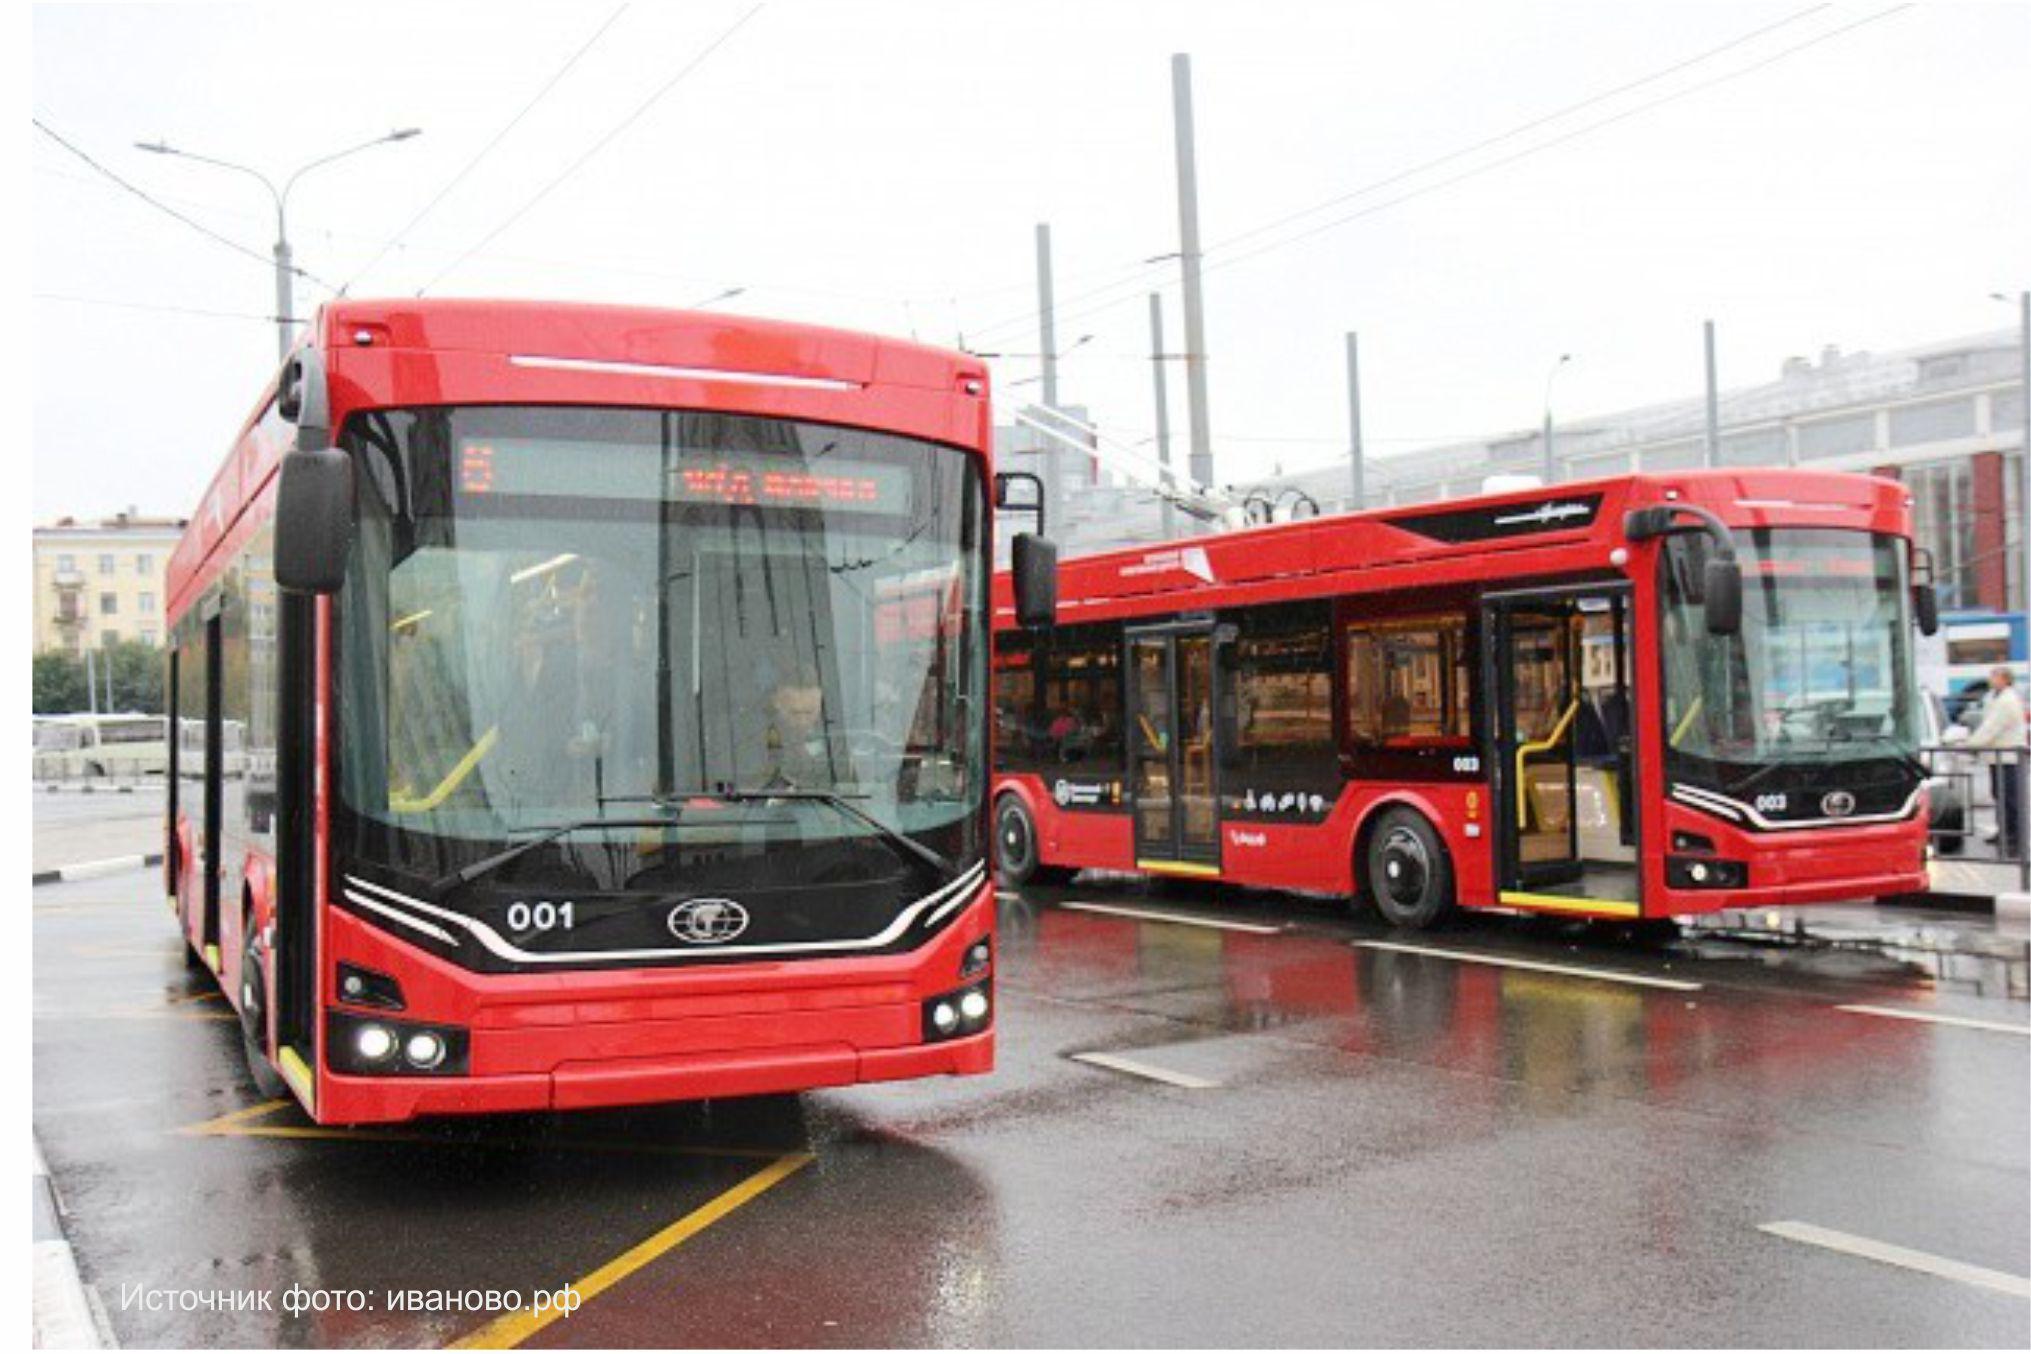 «Фабрика композитов» выполнила контракты по производству деталей для трамваев и троллейбусов.